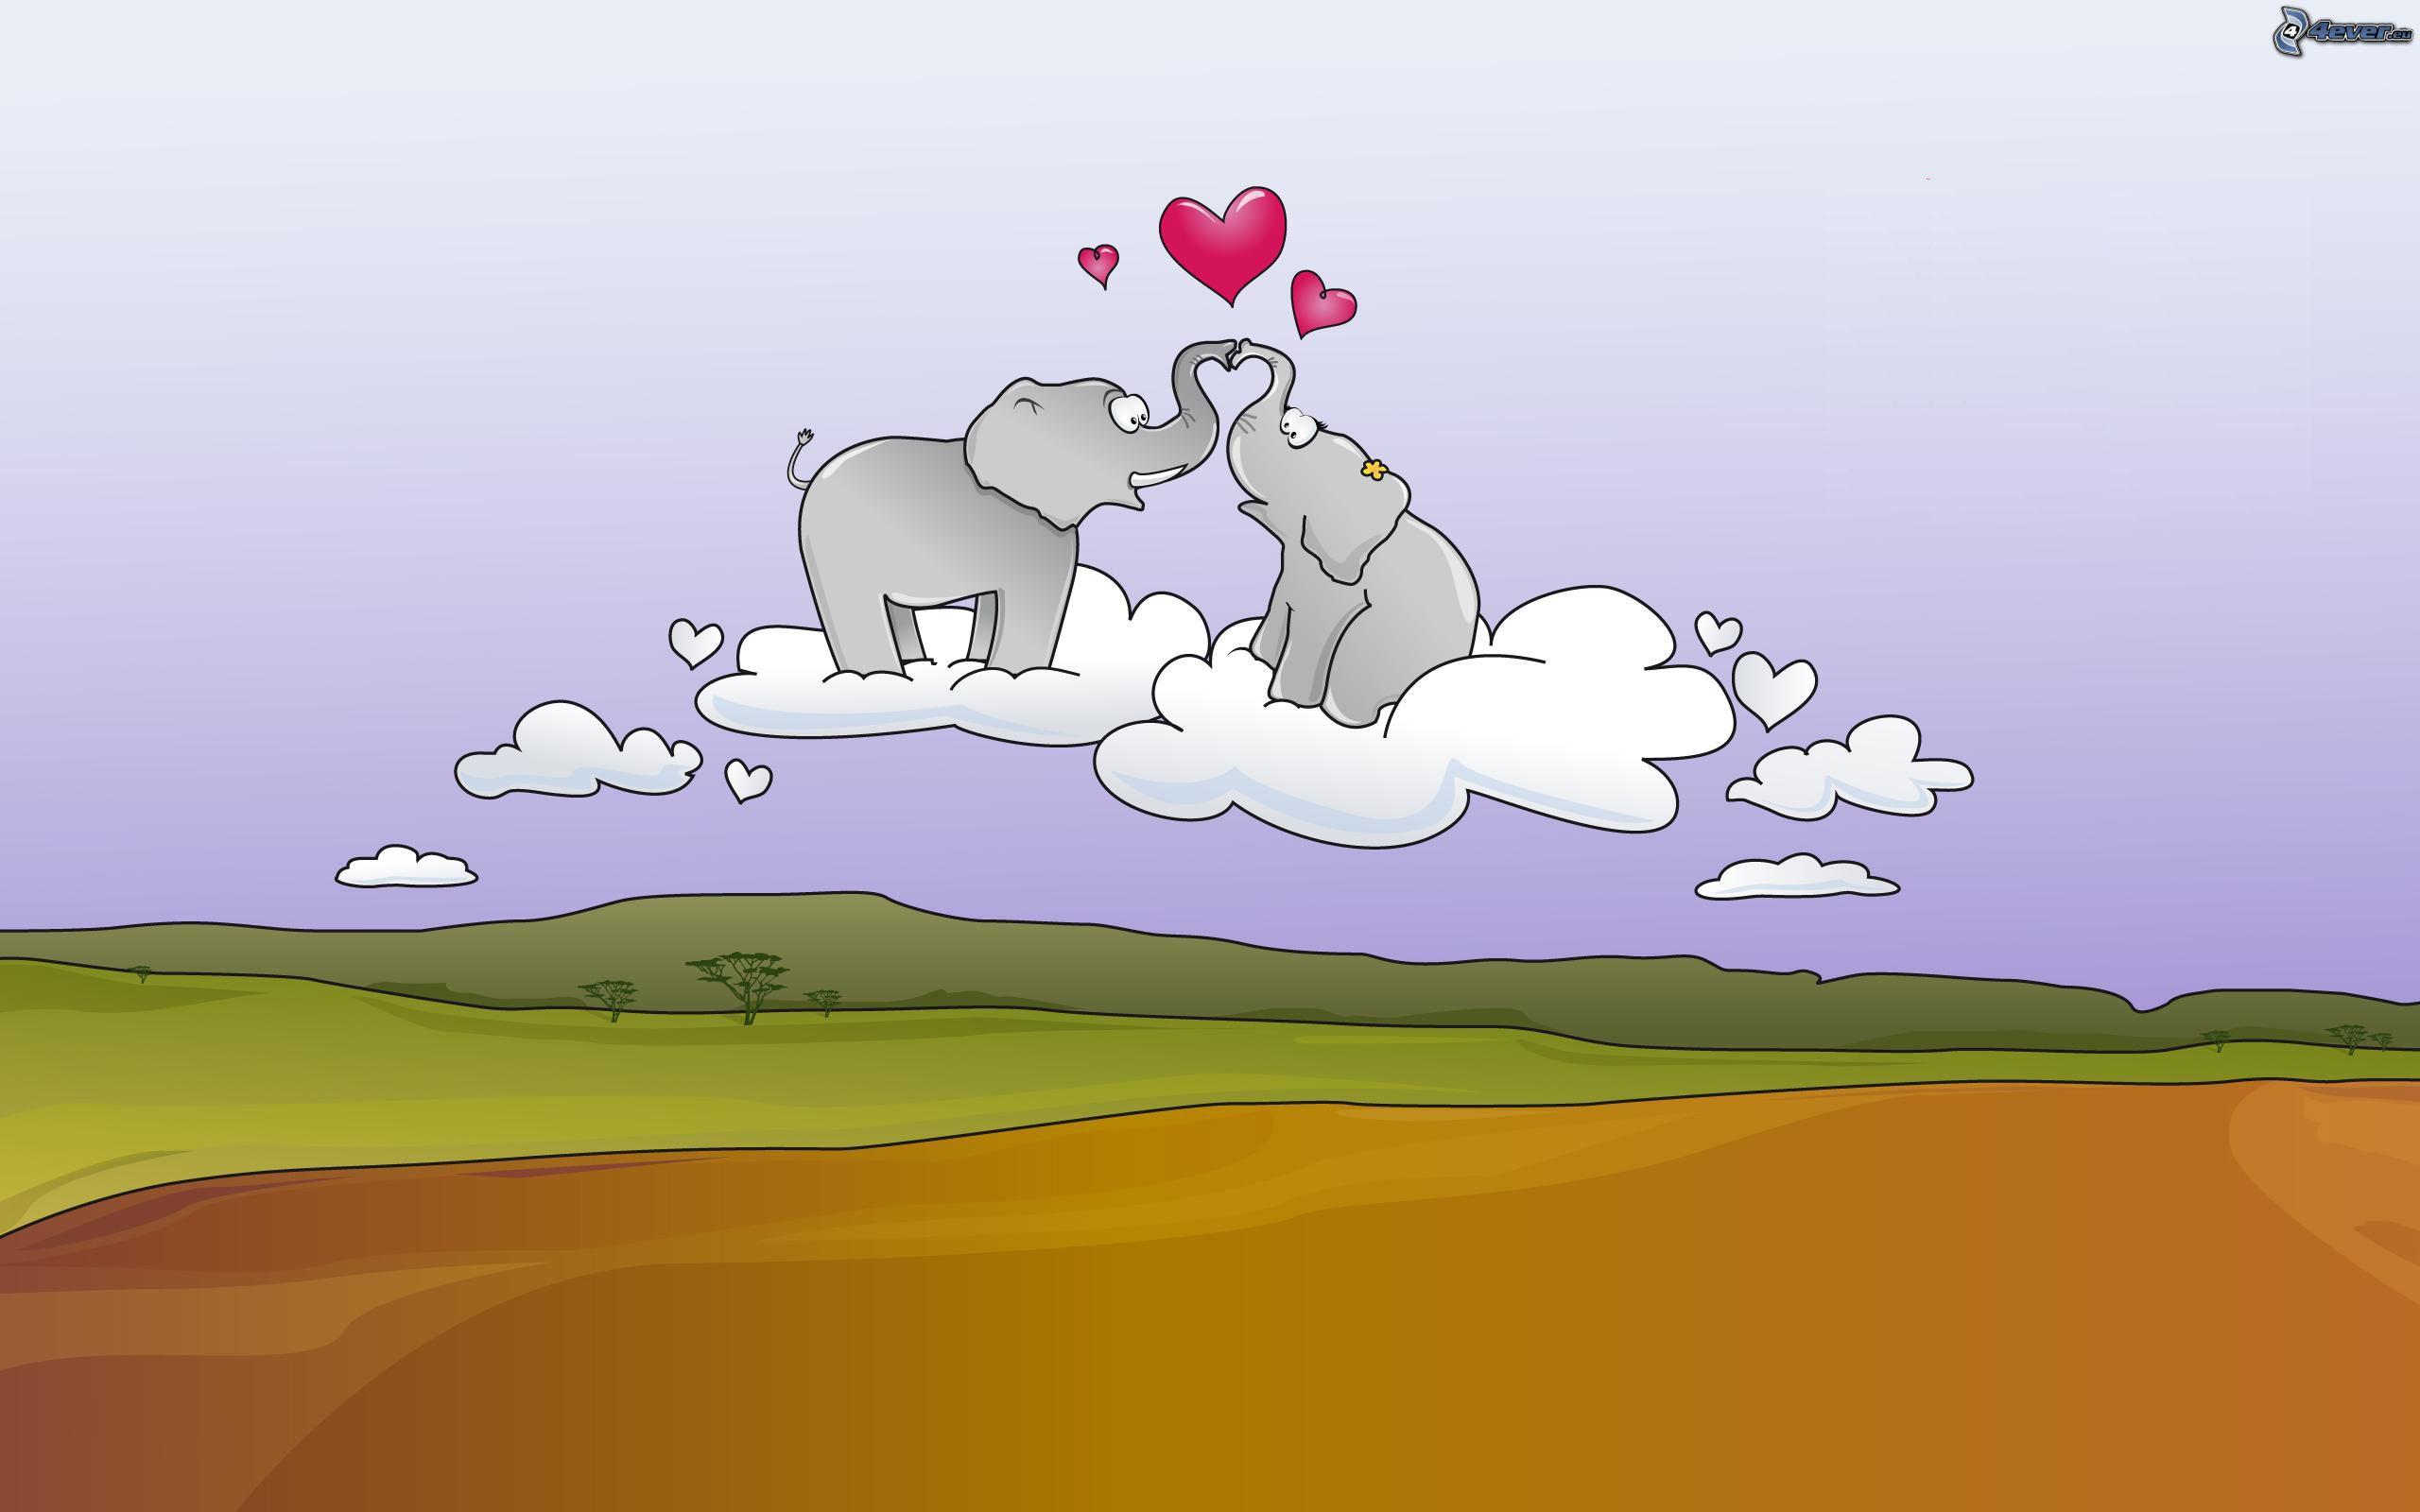 Di elefanti treni e cartoni animati i colloqui di lavoro creativi